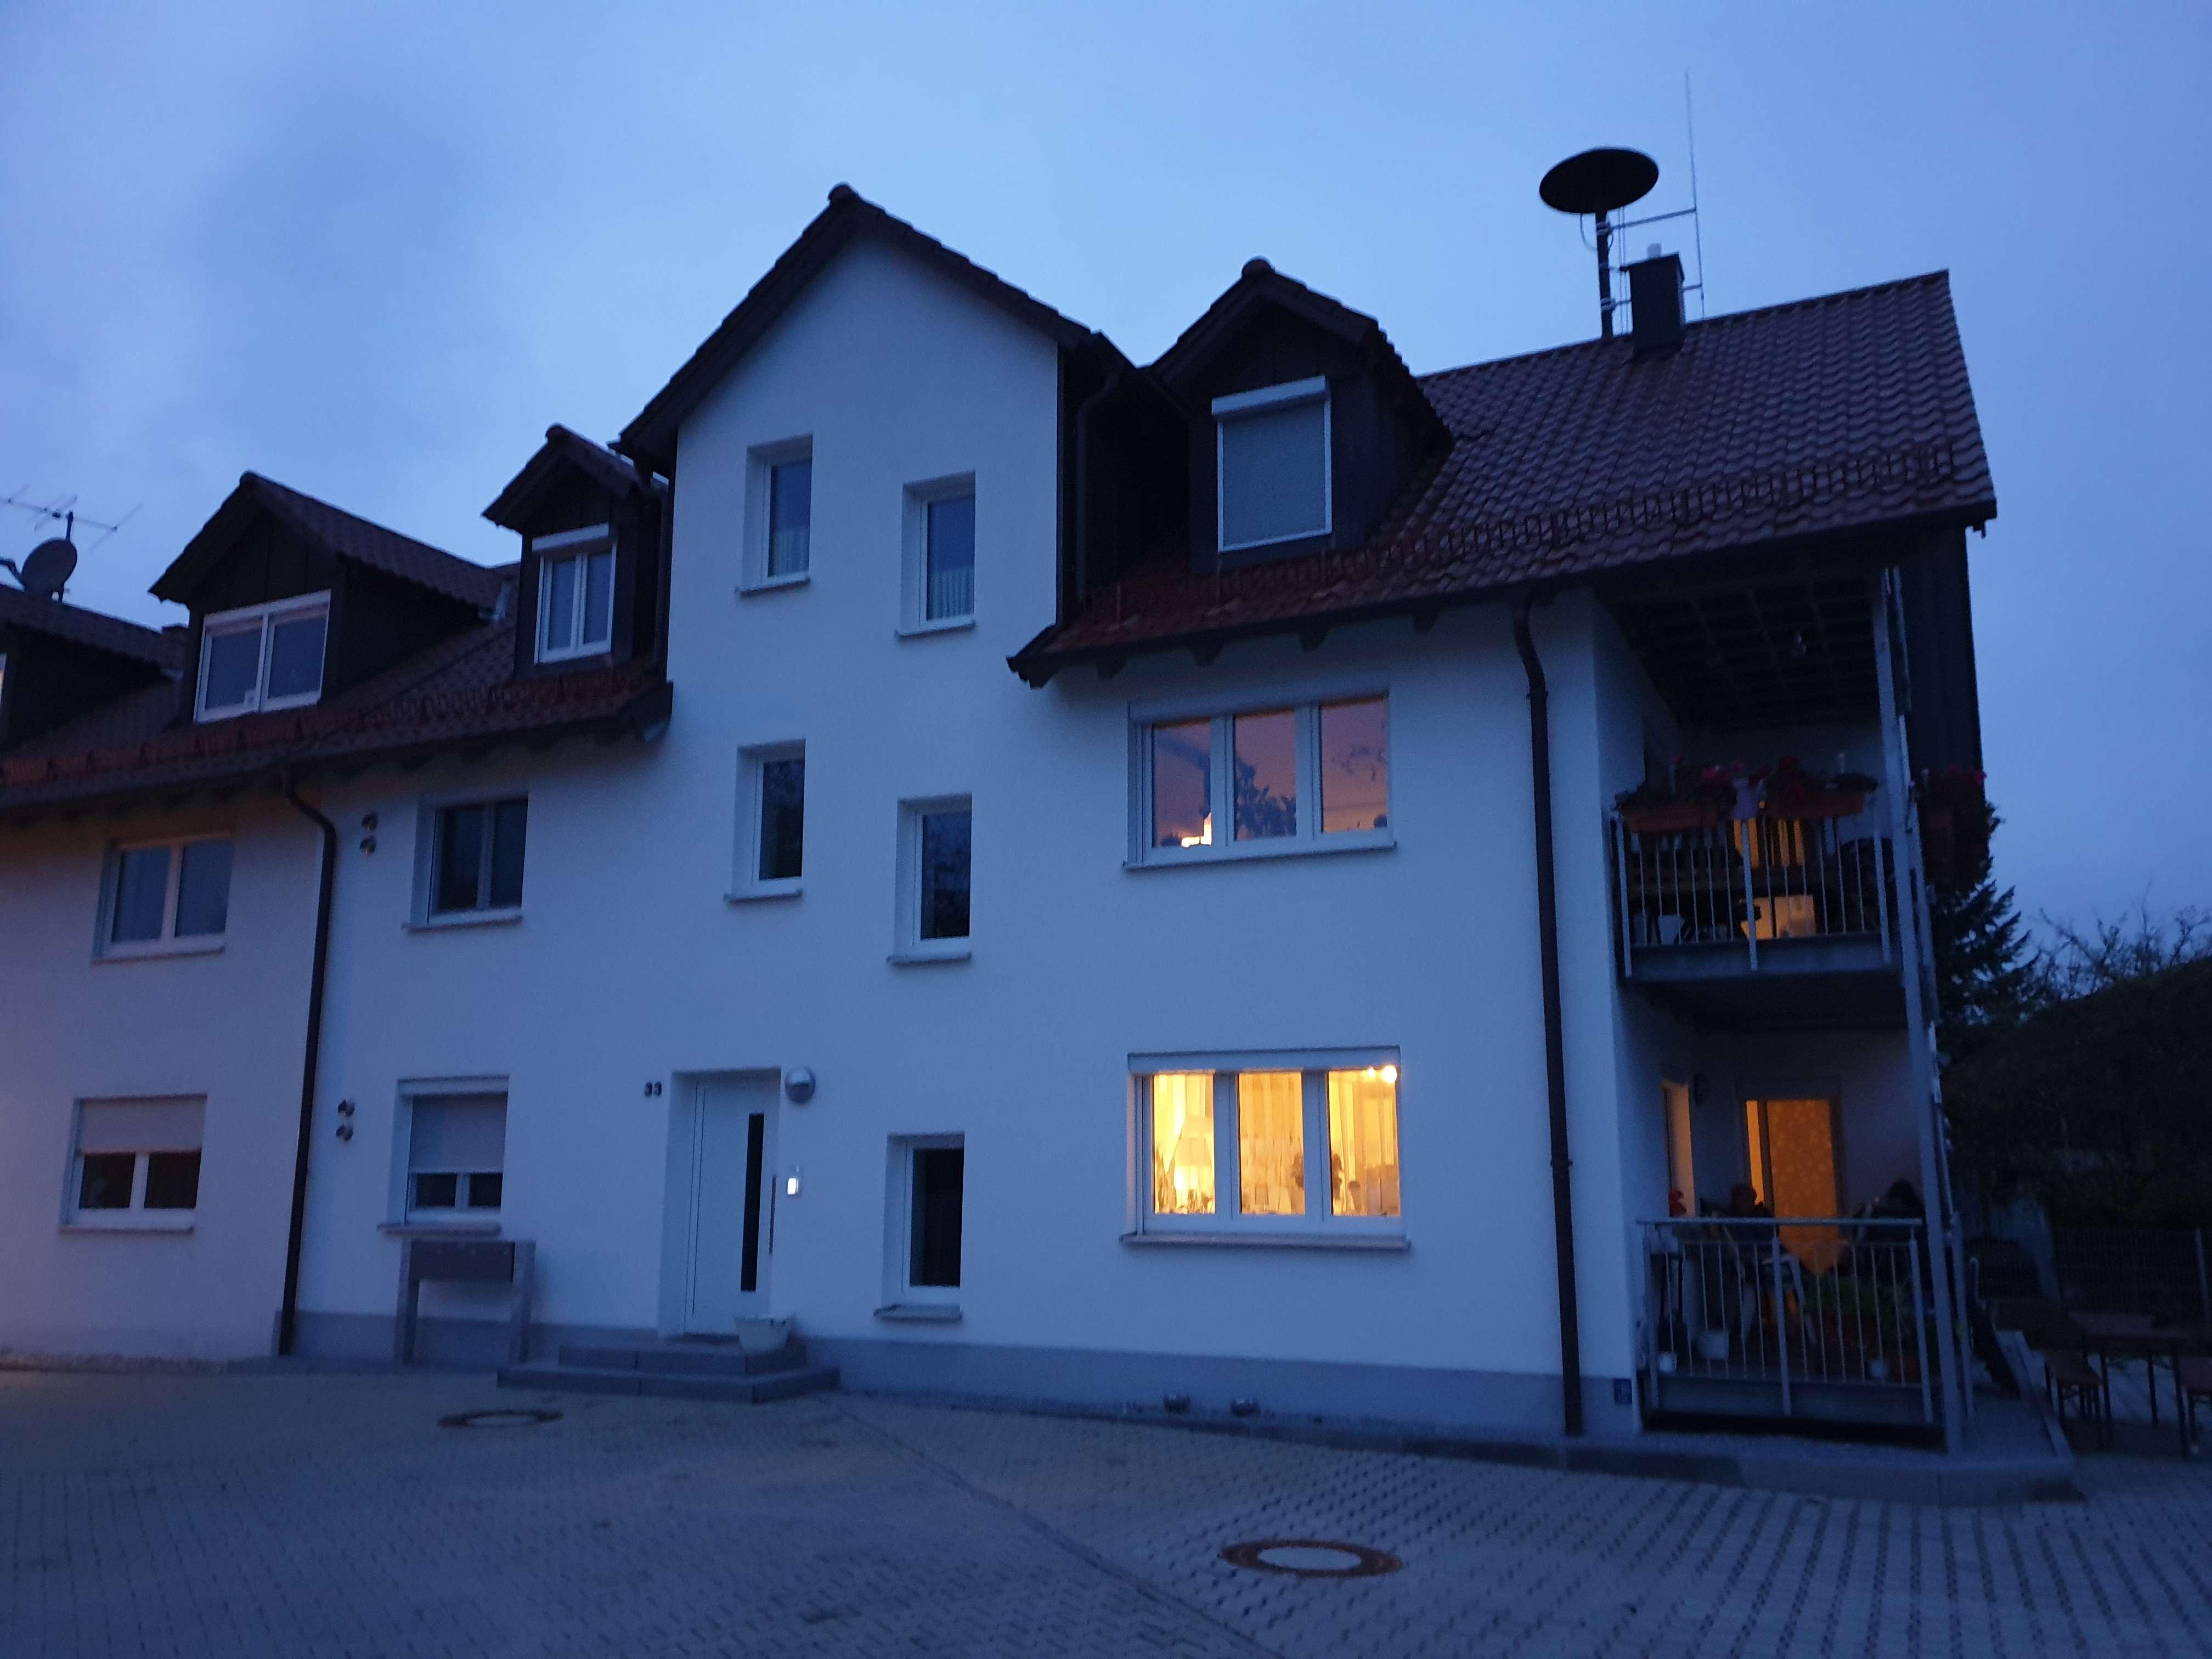 Neuwertige 3,5-Zimmer-Wohnung mit Balkon im 1. Stock in Eching-Weixerau in Eching (Landshut)